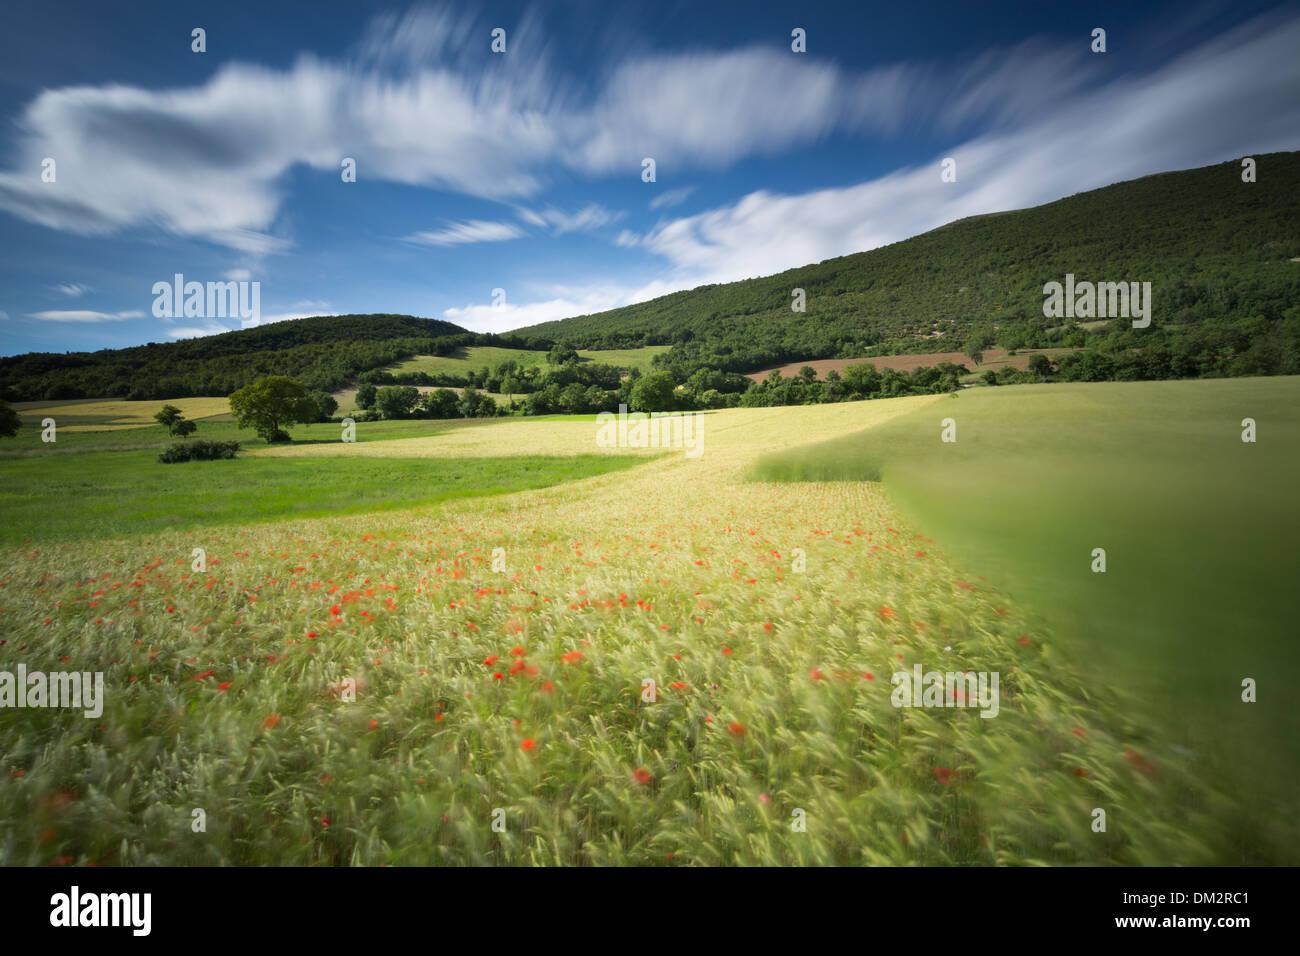 Coquelicots, dans l'orge champ près de Campi, Ombrie, Italie Photo Stock